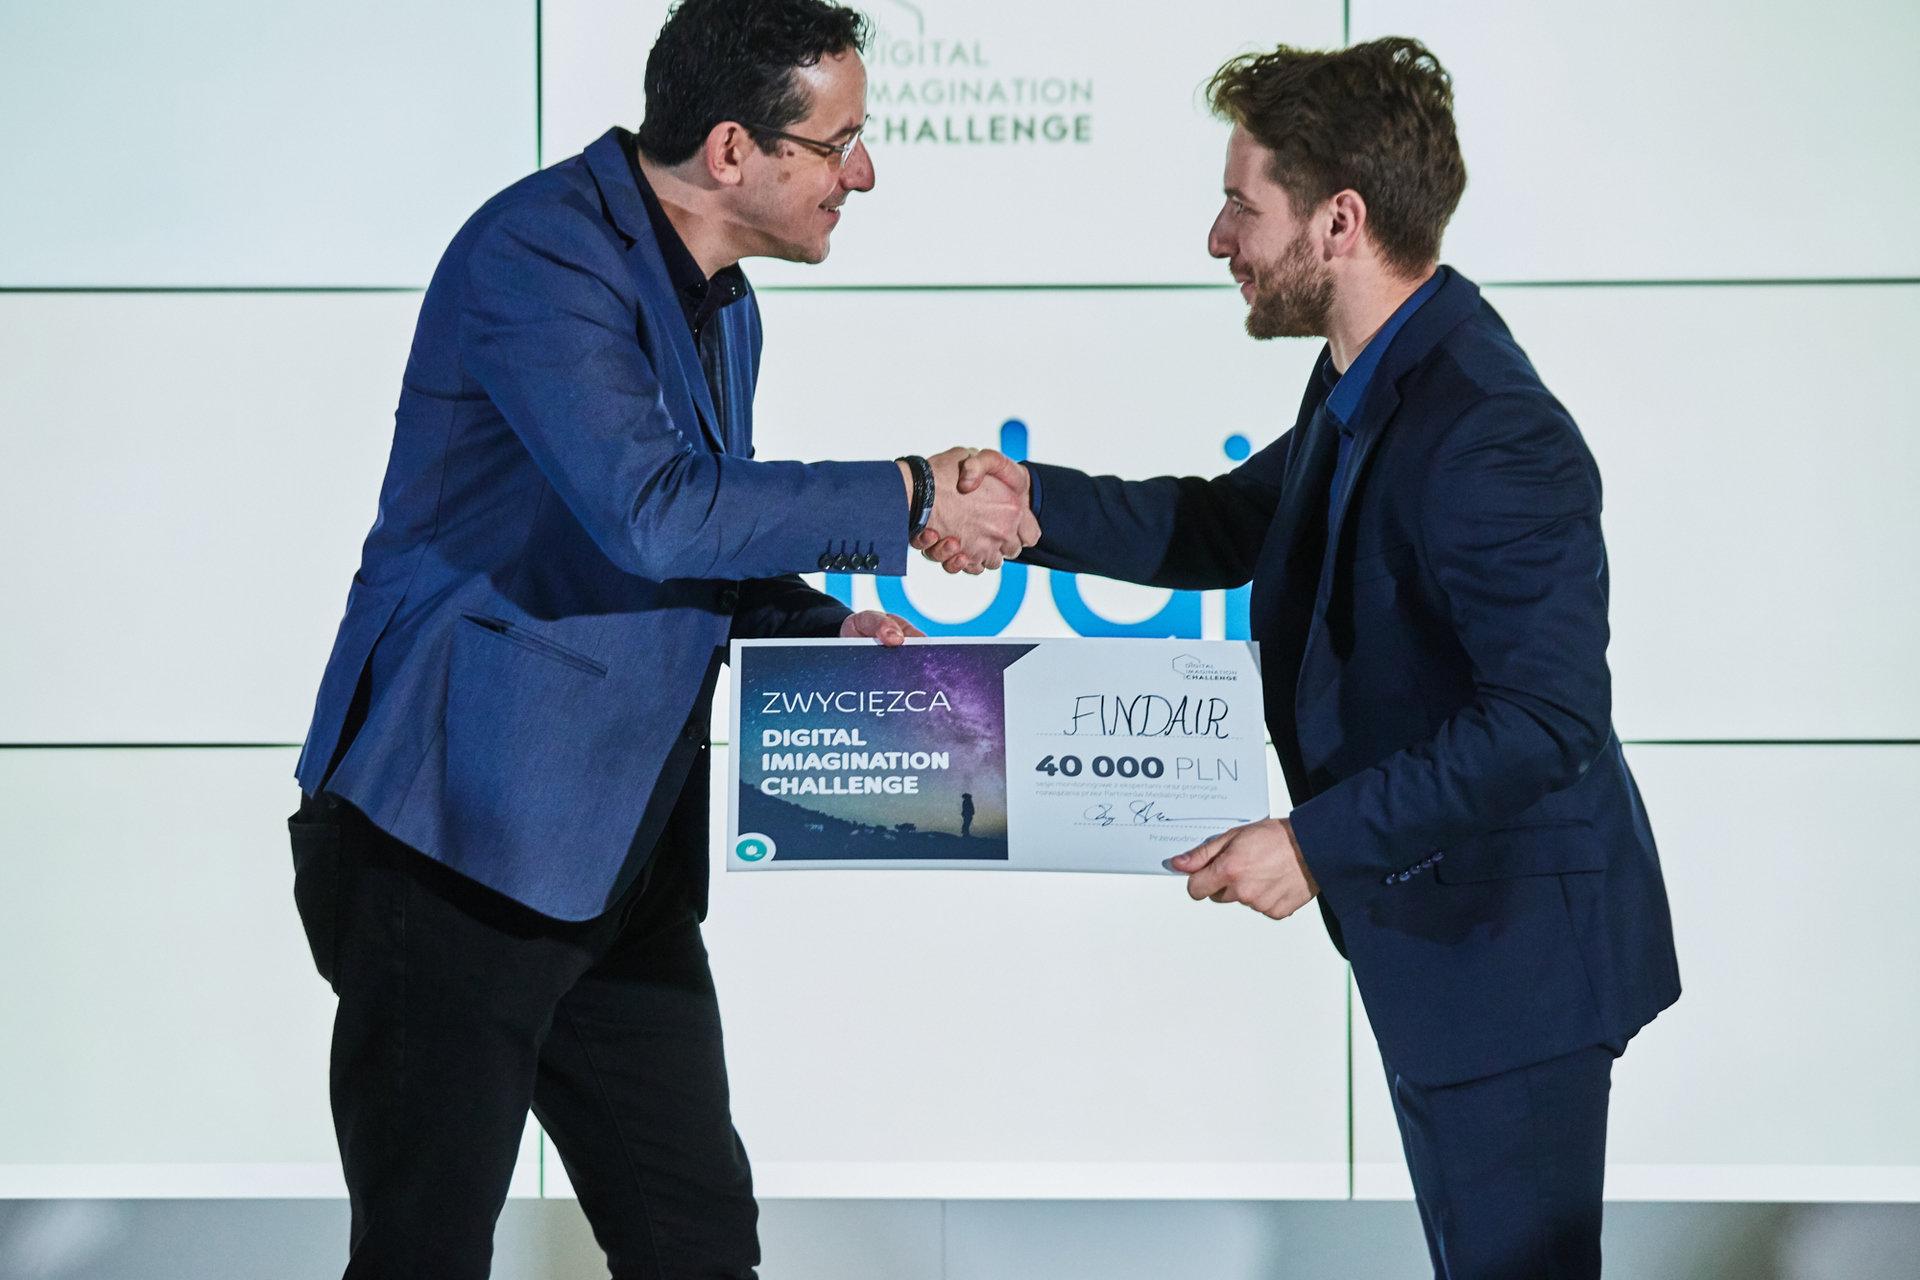 Zwycięzca UPC Digital Imagination Challenge zmienia branżę medyczną